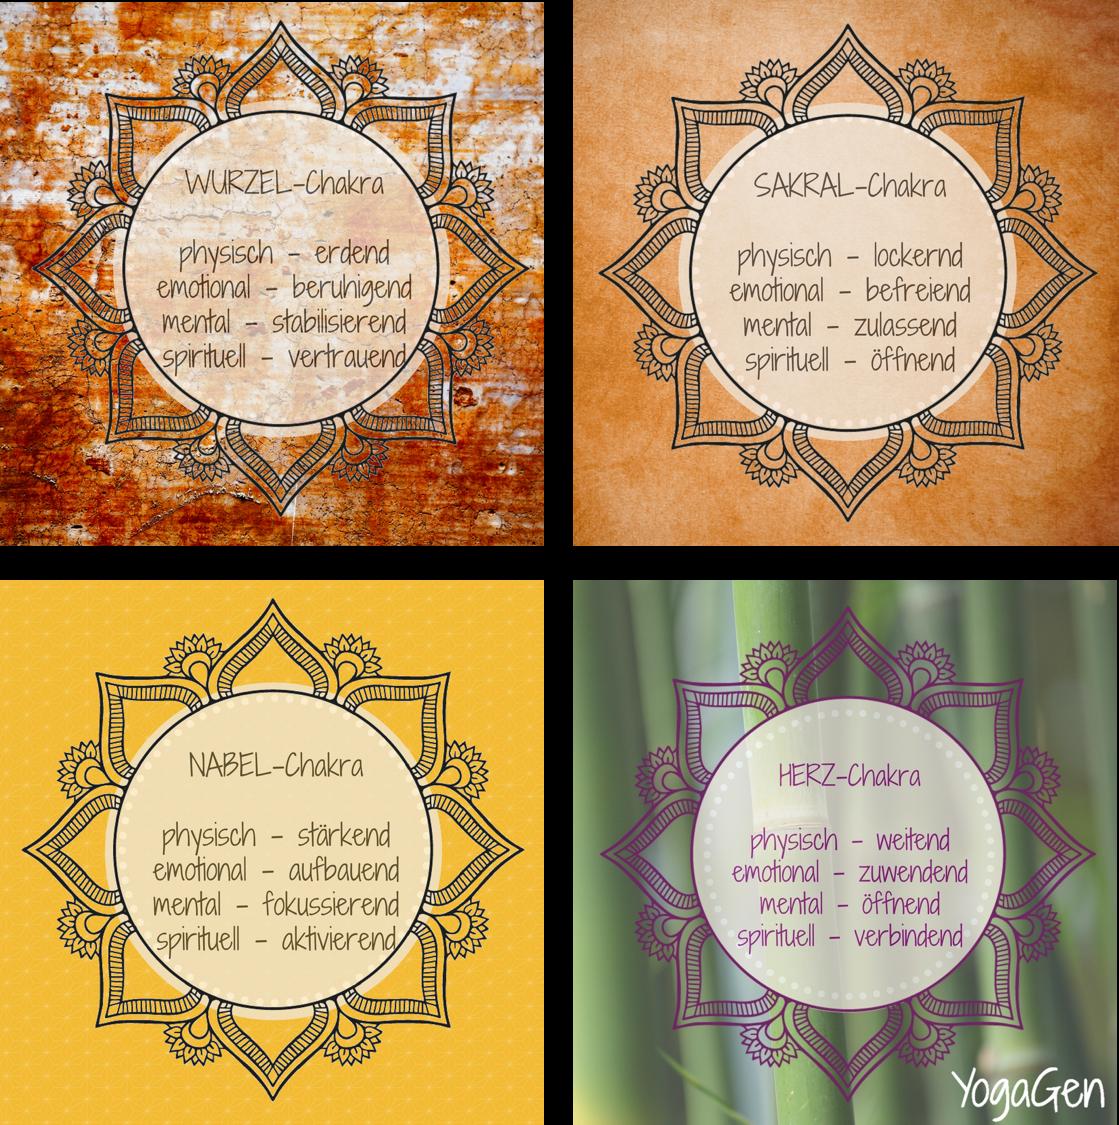 Chakra Qualitäten der unteren drei Chakren und des Herzchakras